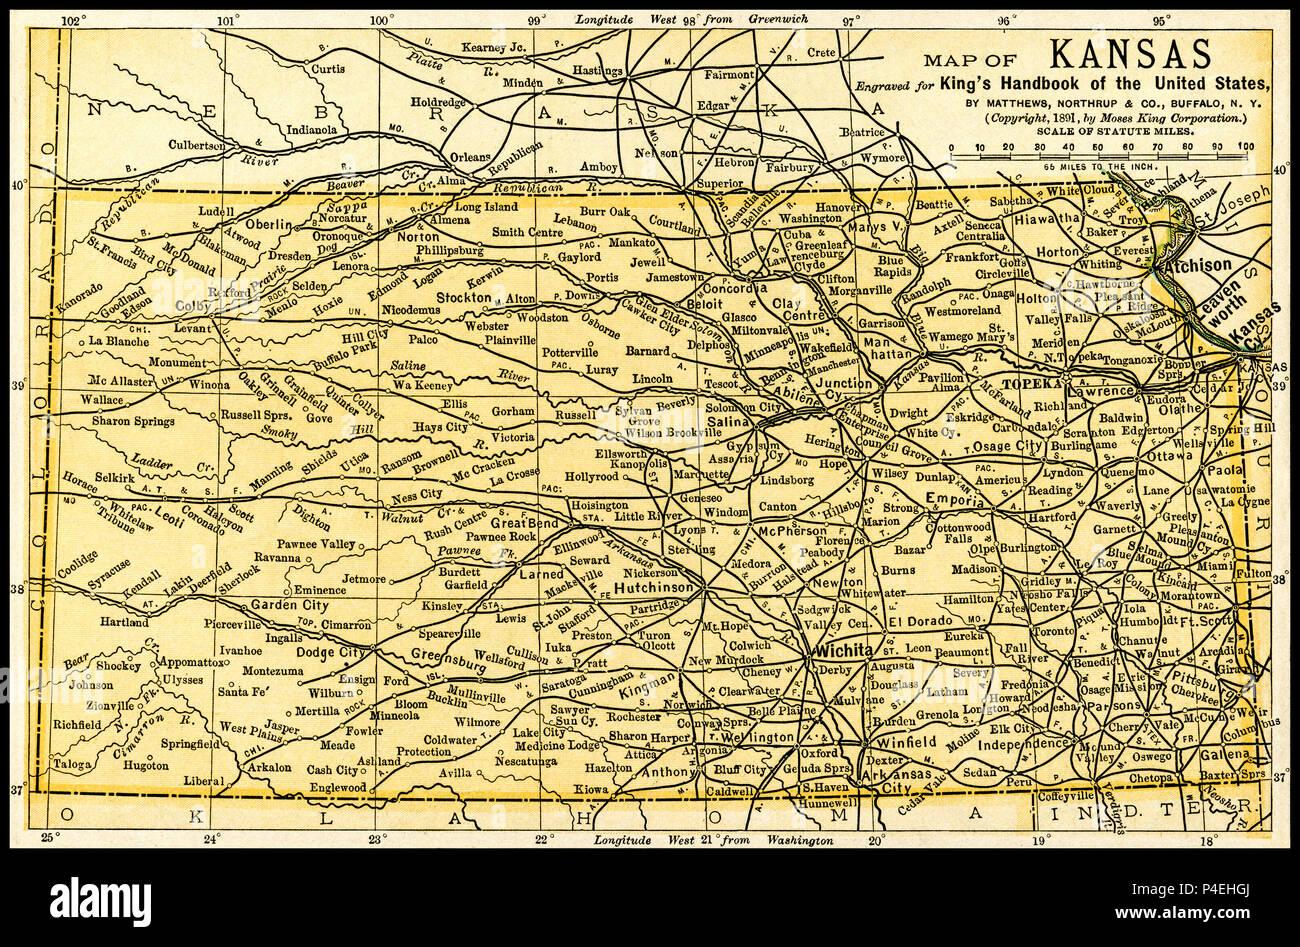 Old Kansas Map.Old Map Of Kansas Stock Photos Old Map Of Kansas Stock Images Alamy